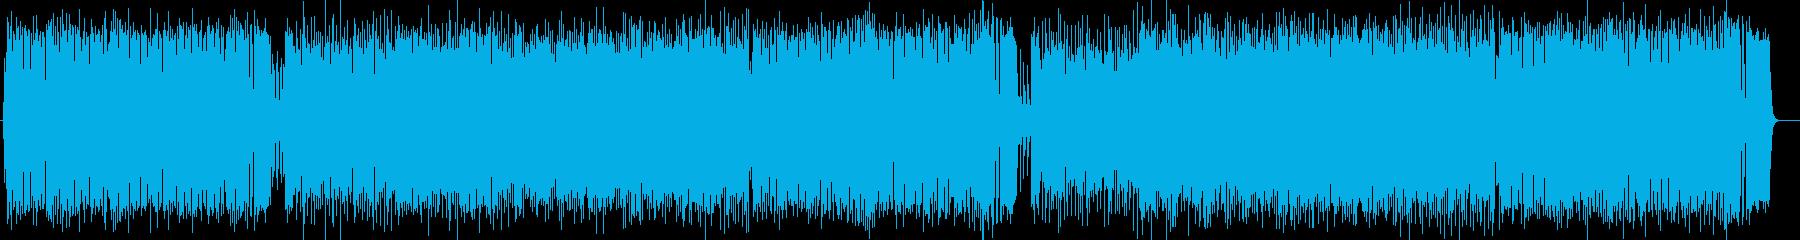 アップテンポなシンセポップスの再生済みの波形